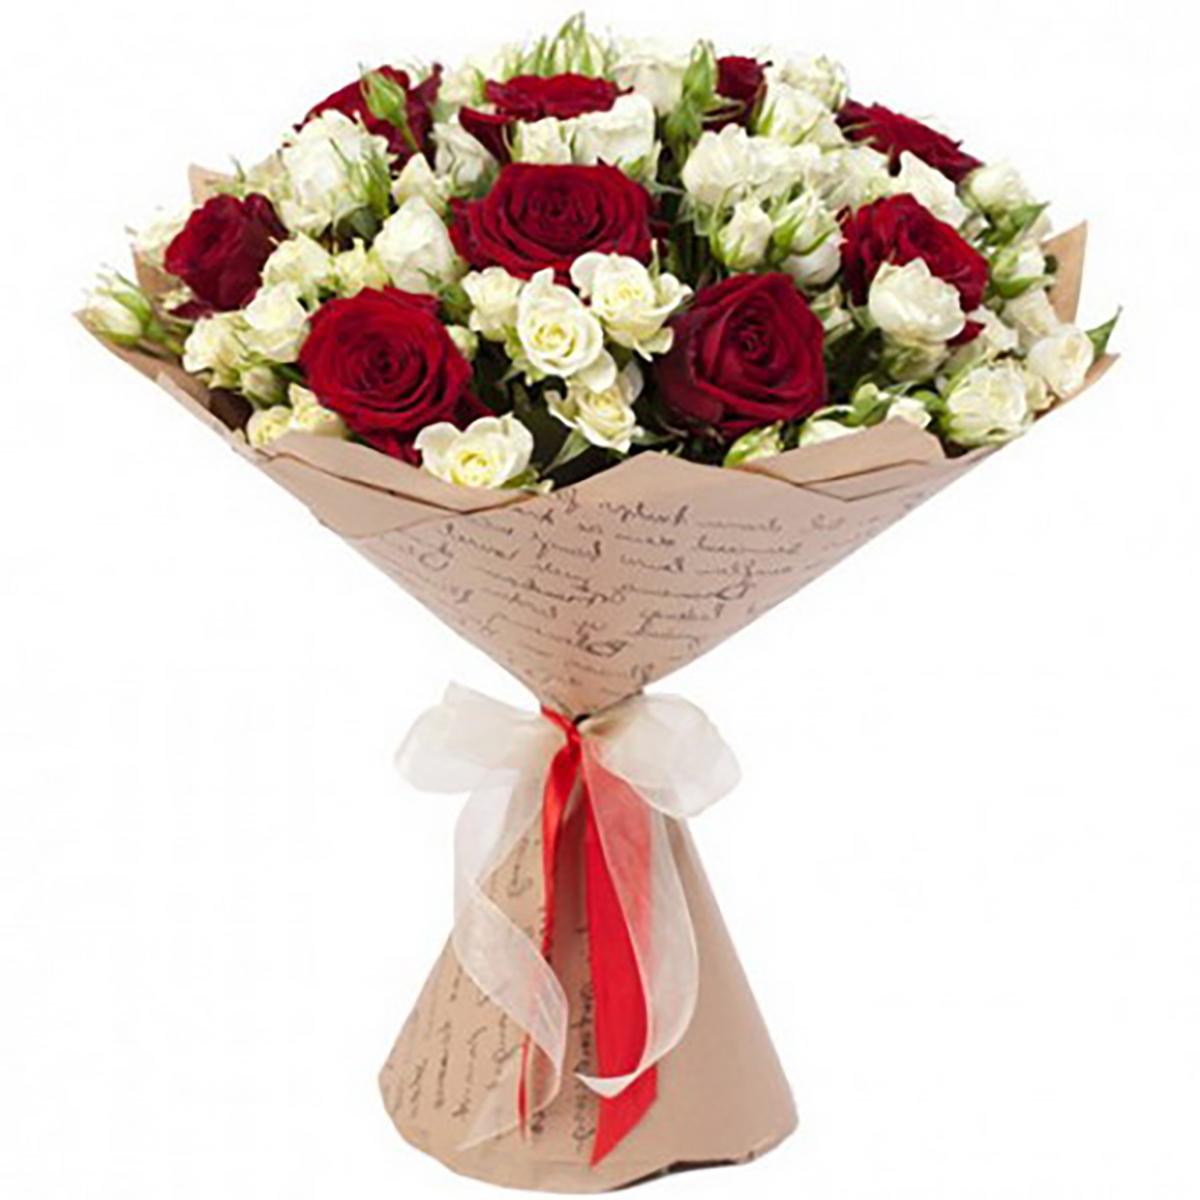 Купить букет цветов в харькове с доставкой спб, цветов флористический